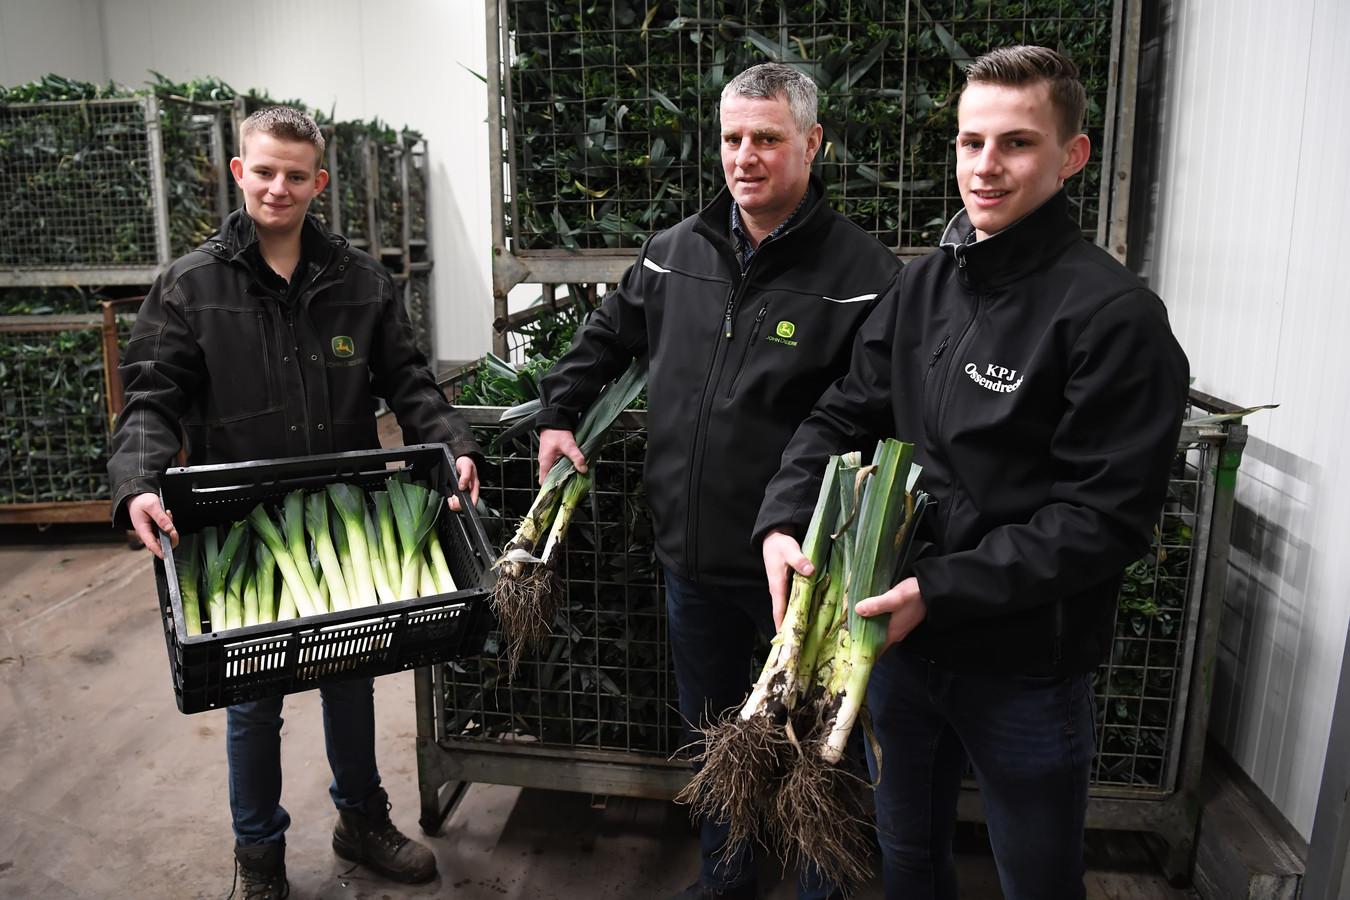 Luc (links), Arnold (midden) en Dirk (rechts) met hun prei. Luc heeft een kist schoongemaakte prei vast, Arnold en Dirk laten zien hoe de prei na het rooien binnenkomt.